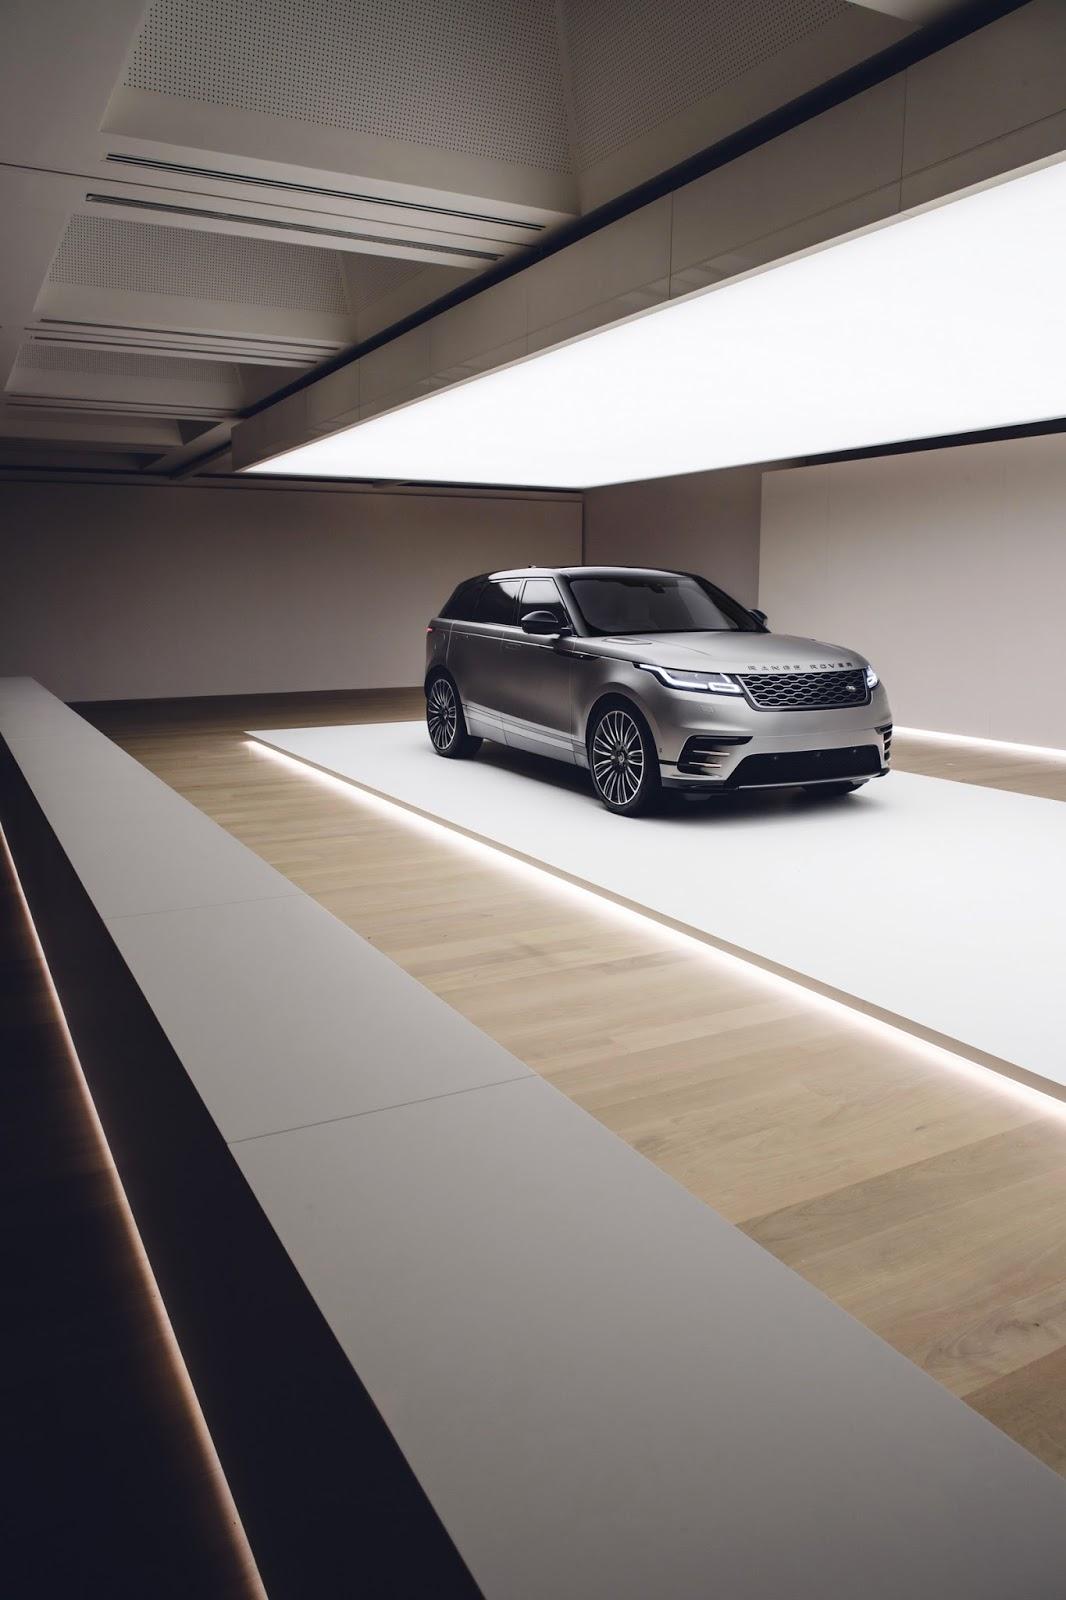 Range Rover Velar in Geneva 2017 (47)